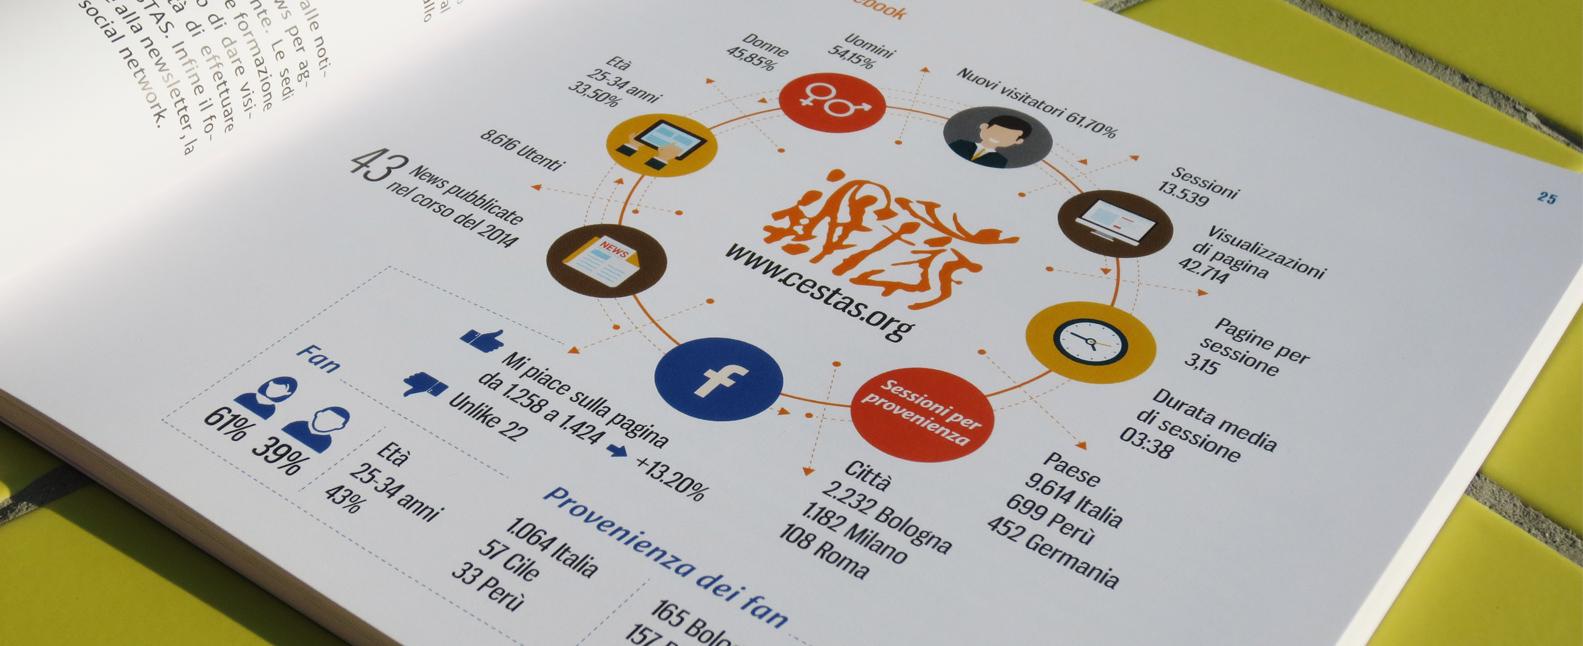 bilancio-sociale-cestas-2015